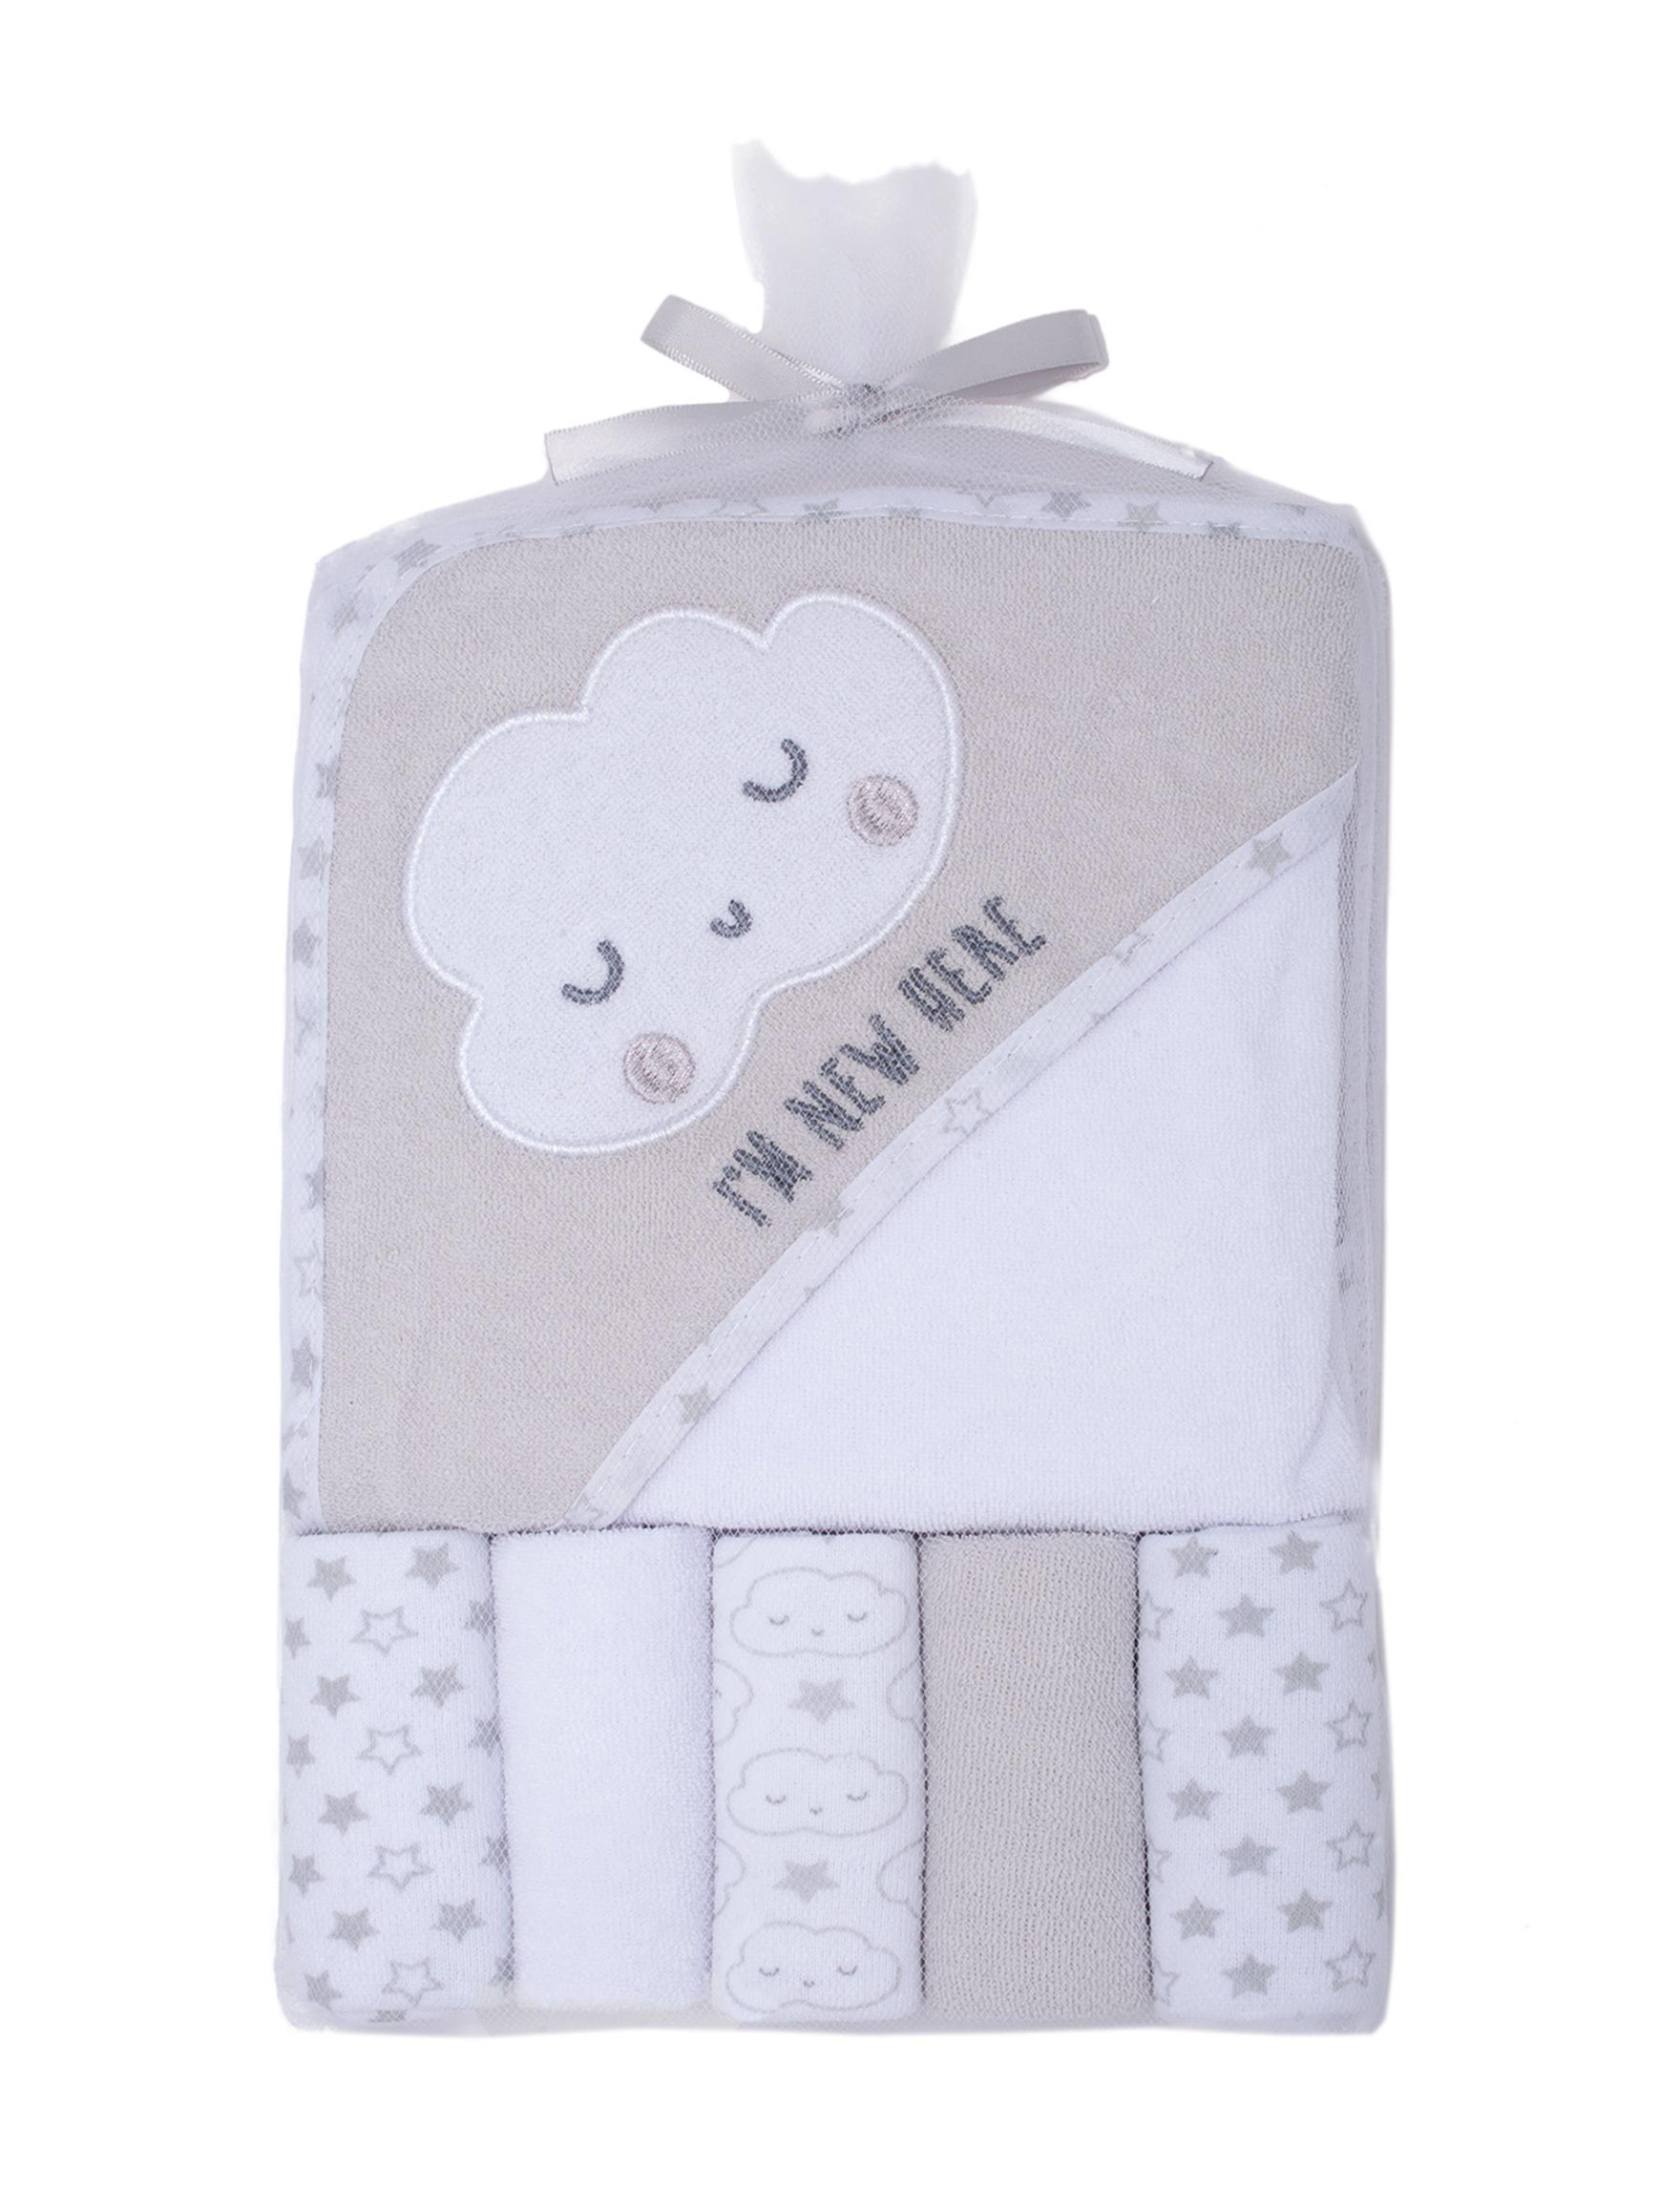 Baby Gear Grey Hooded Towels Washcloths